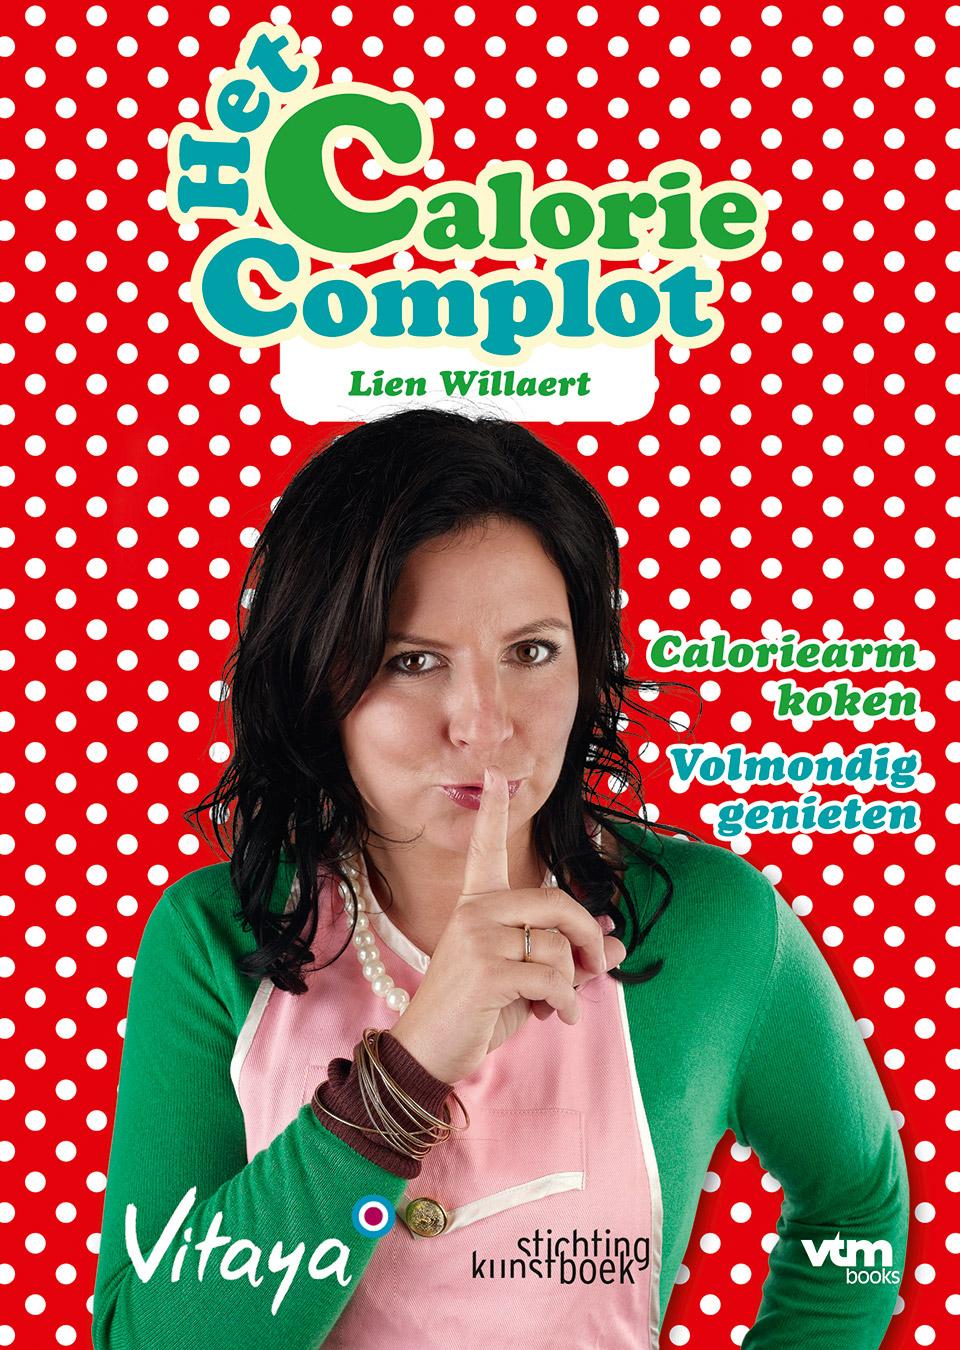 cover_caloriecomplot